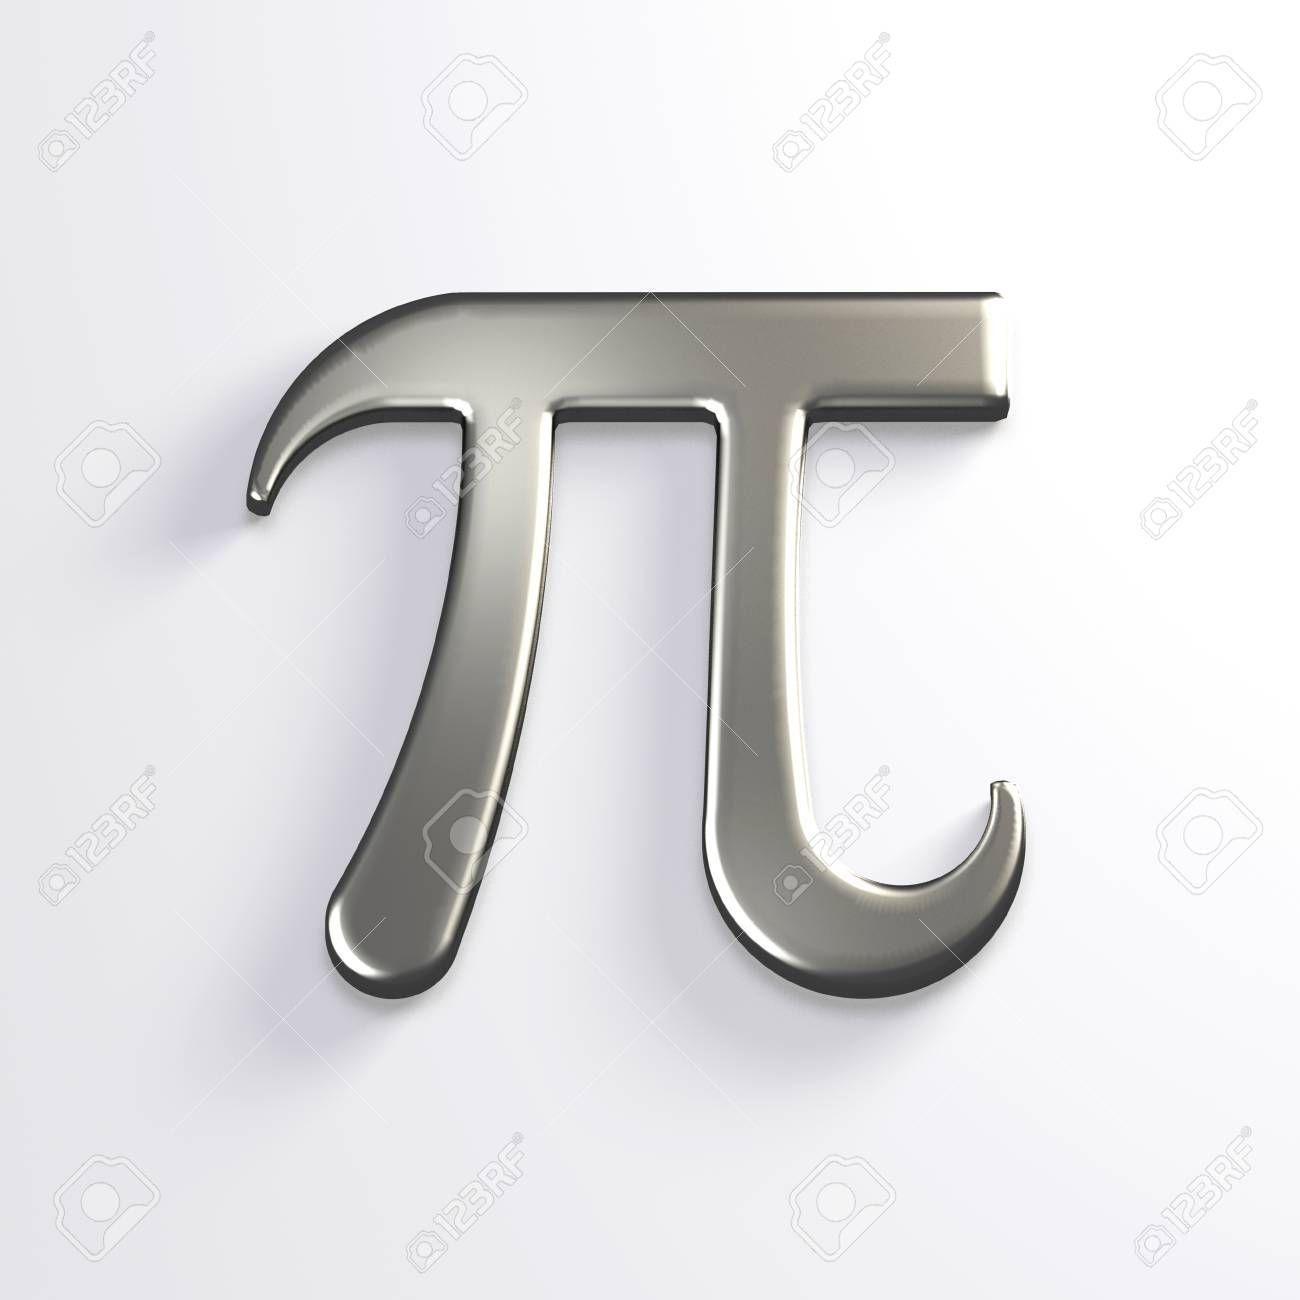 Pi Number Silver Mathematical Symbol 3d Render Illustration Royalty Free Images Symbols Illustration